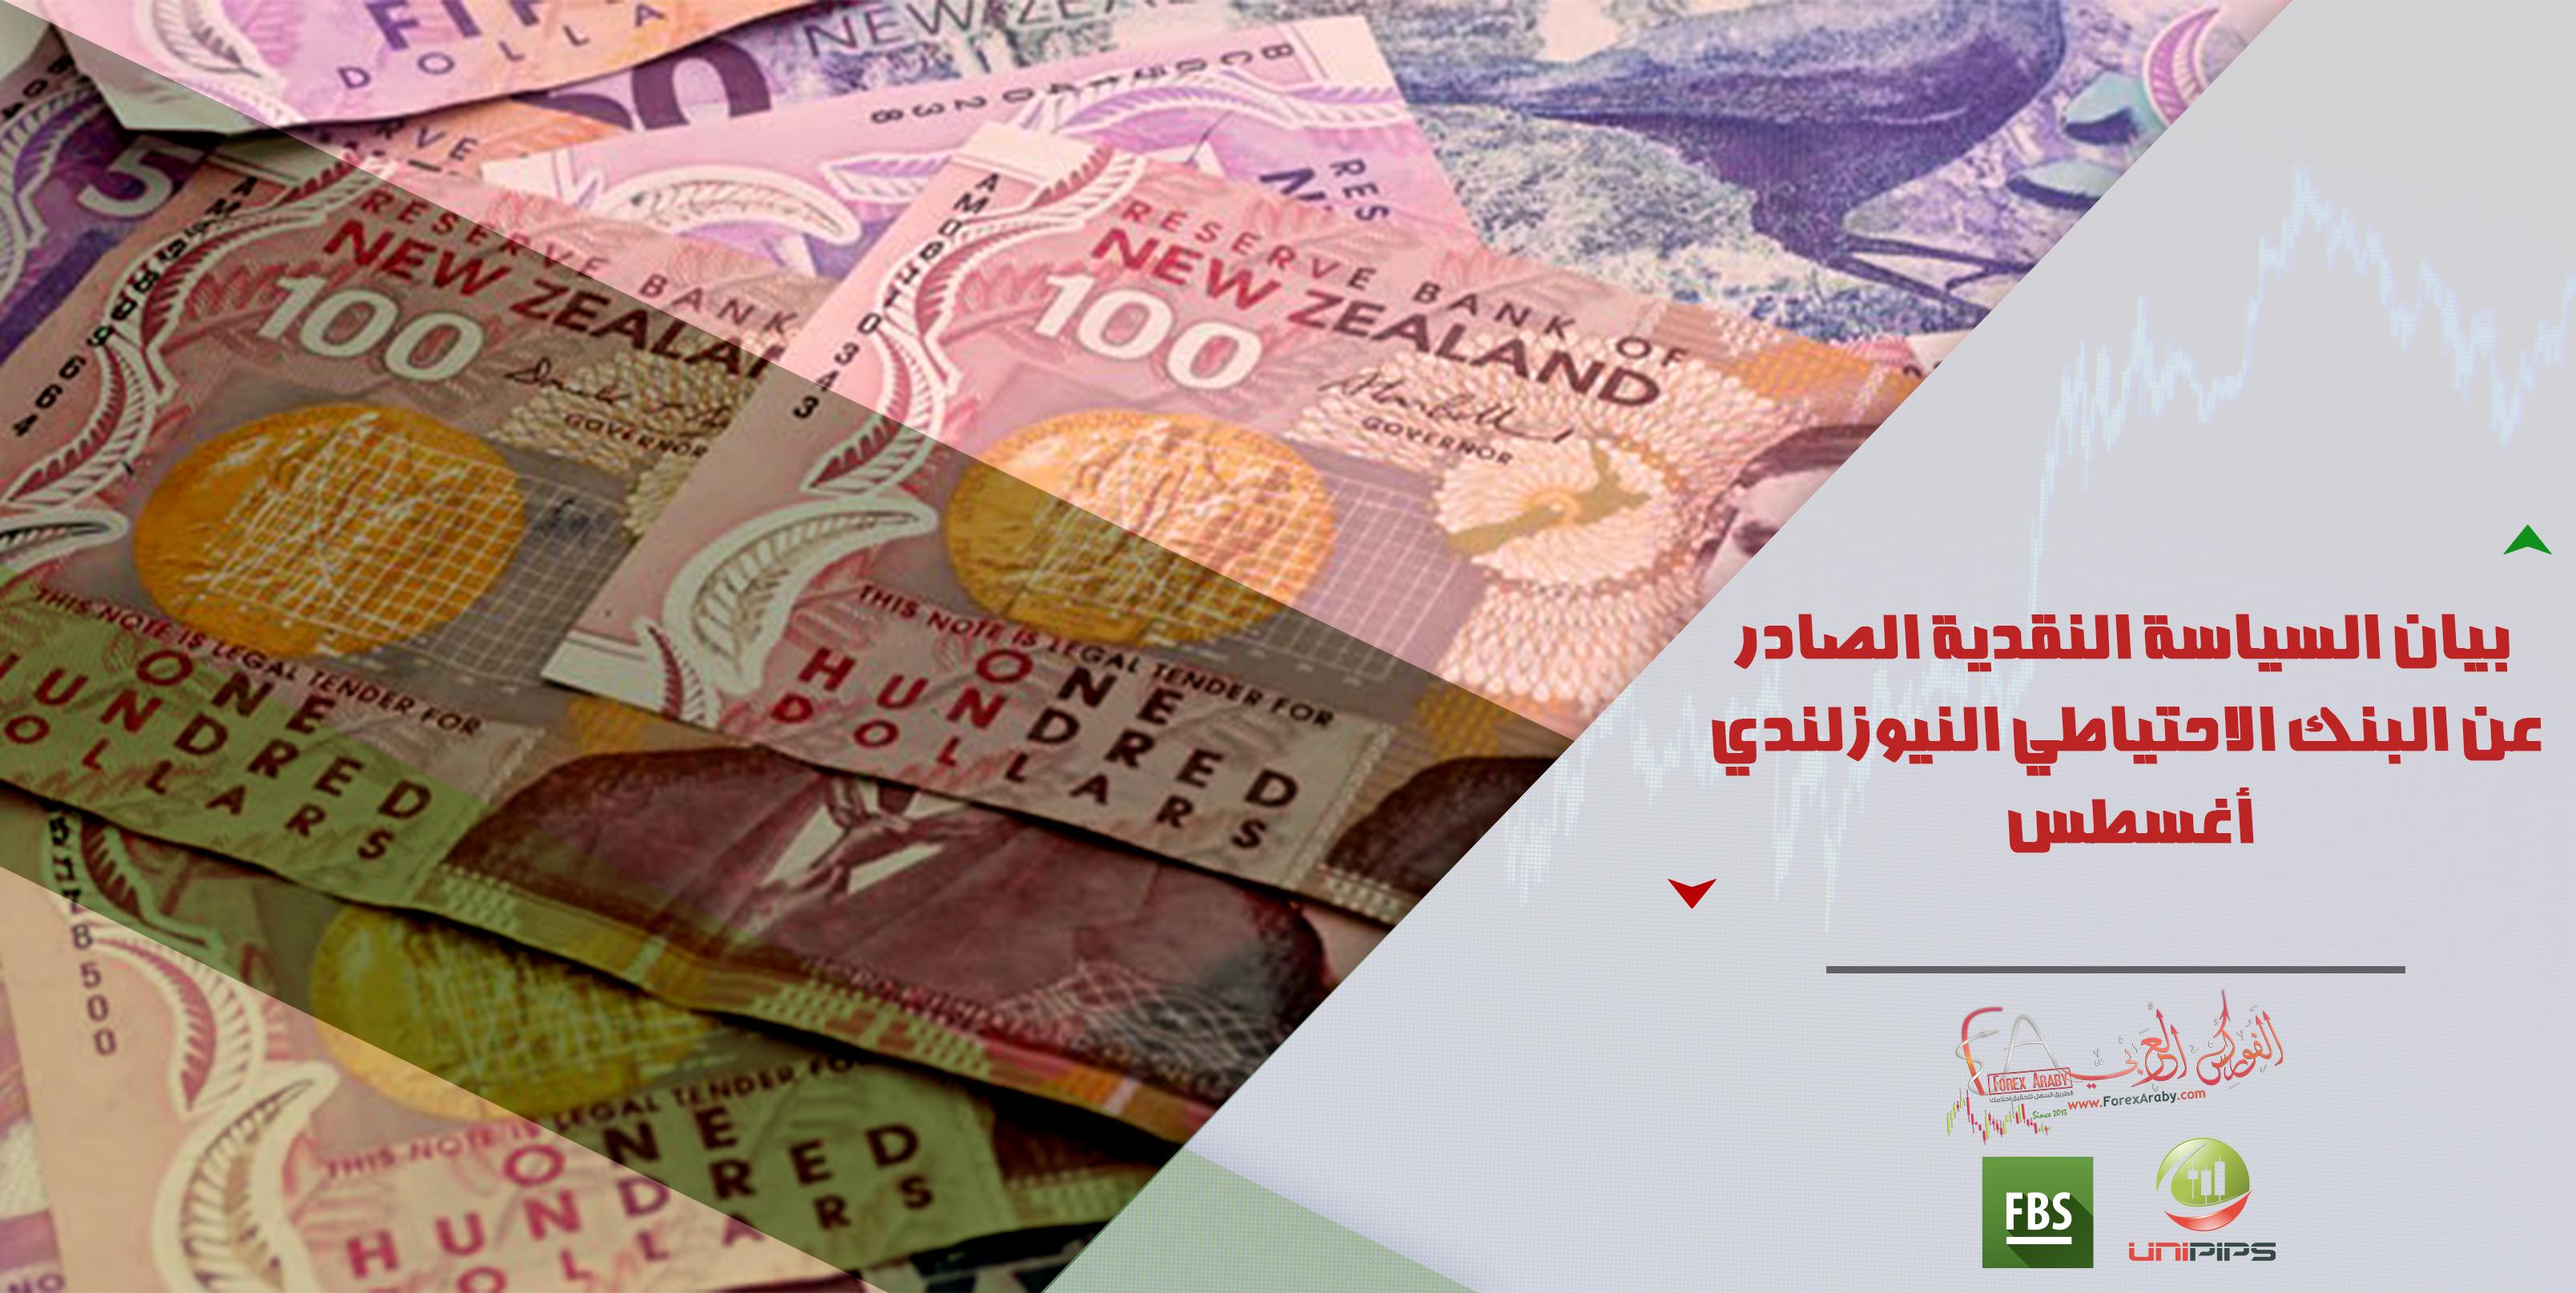 أهم ما جاء في بيان السياسة النقدية الصادر عن البنك الاحتياطي النيوزلندي -أغسطس